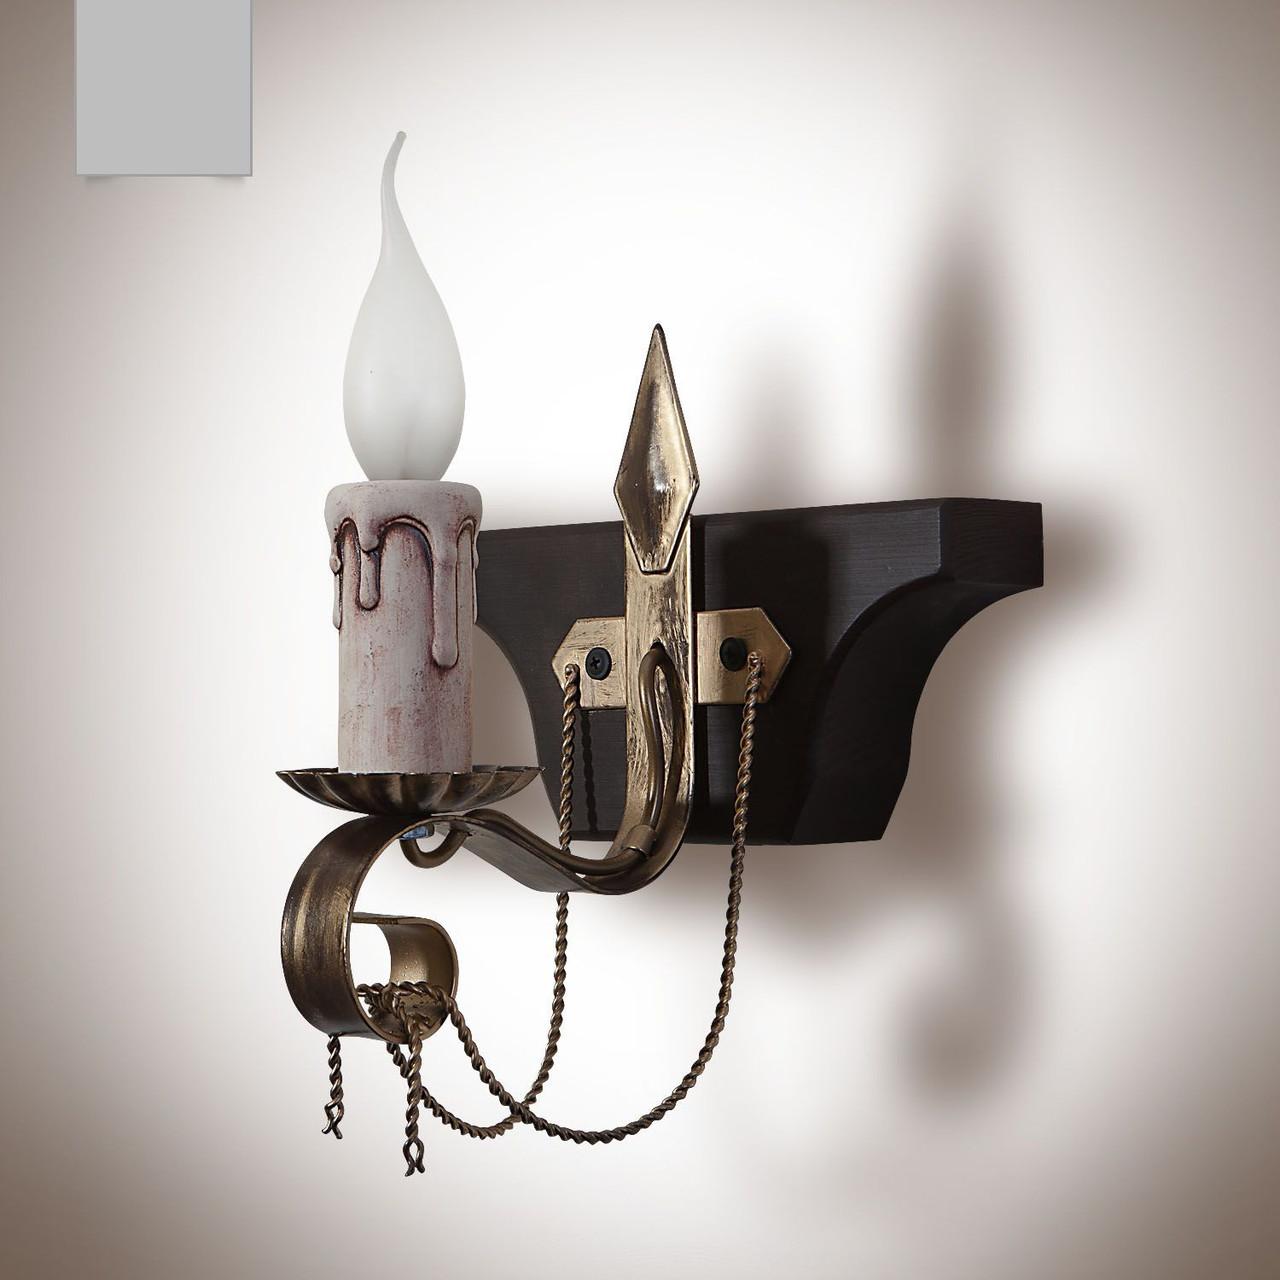 Бра деревянное со свечами, трактир 1 ламповое 30001